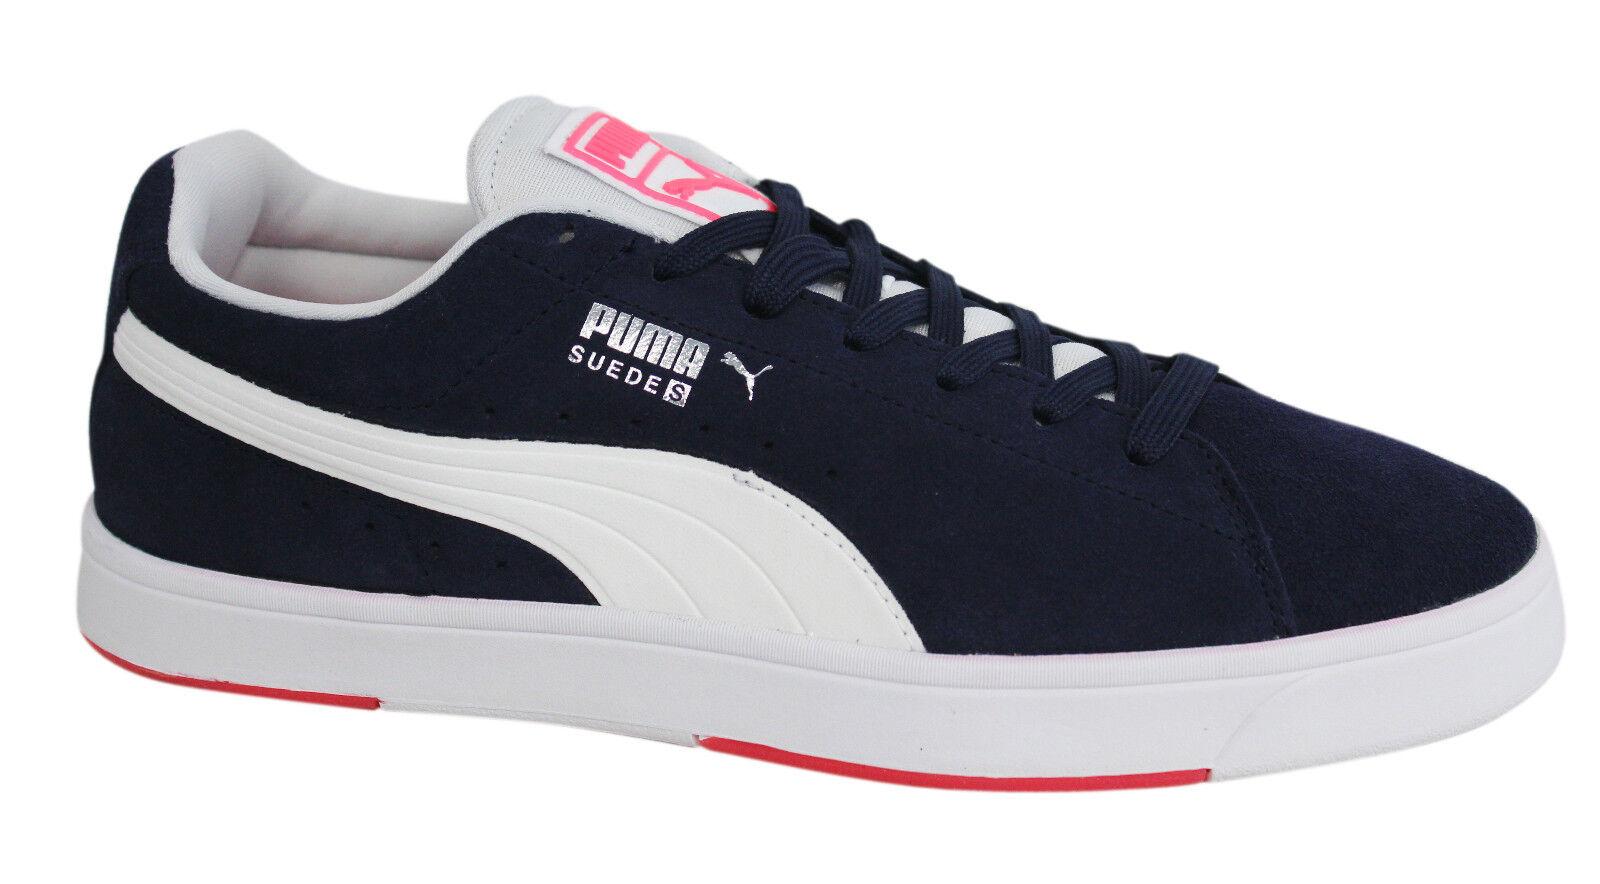 Puma Gamuza Cordones Azul Marino para hombre zapatillas 356414 18 U106 Comfortable and good-looking